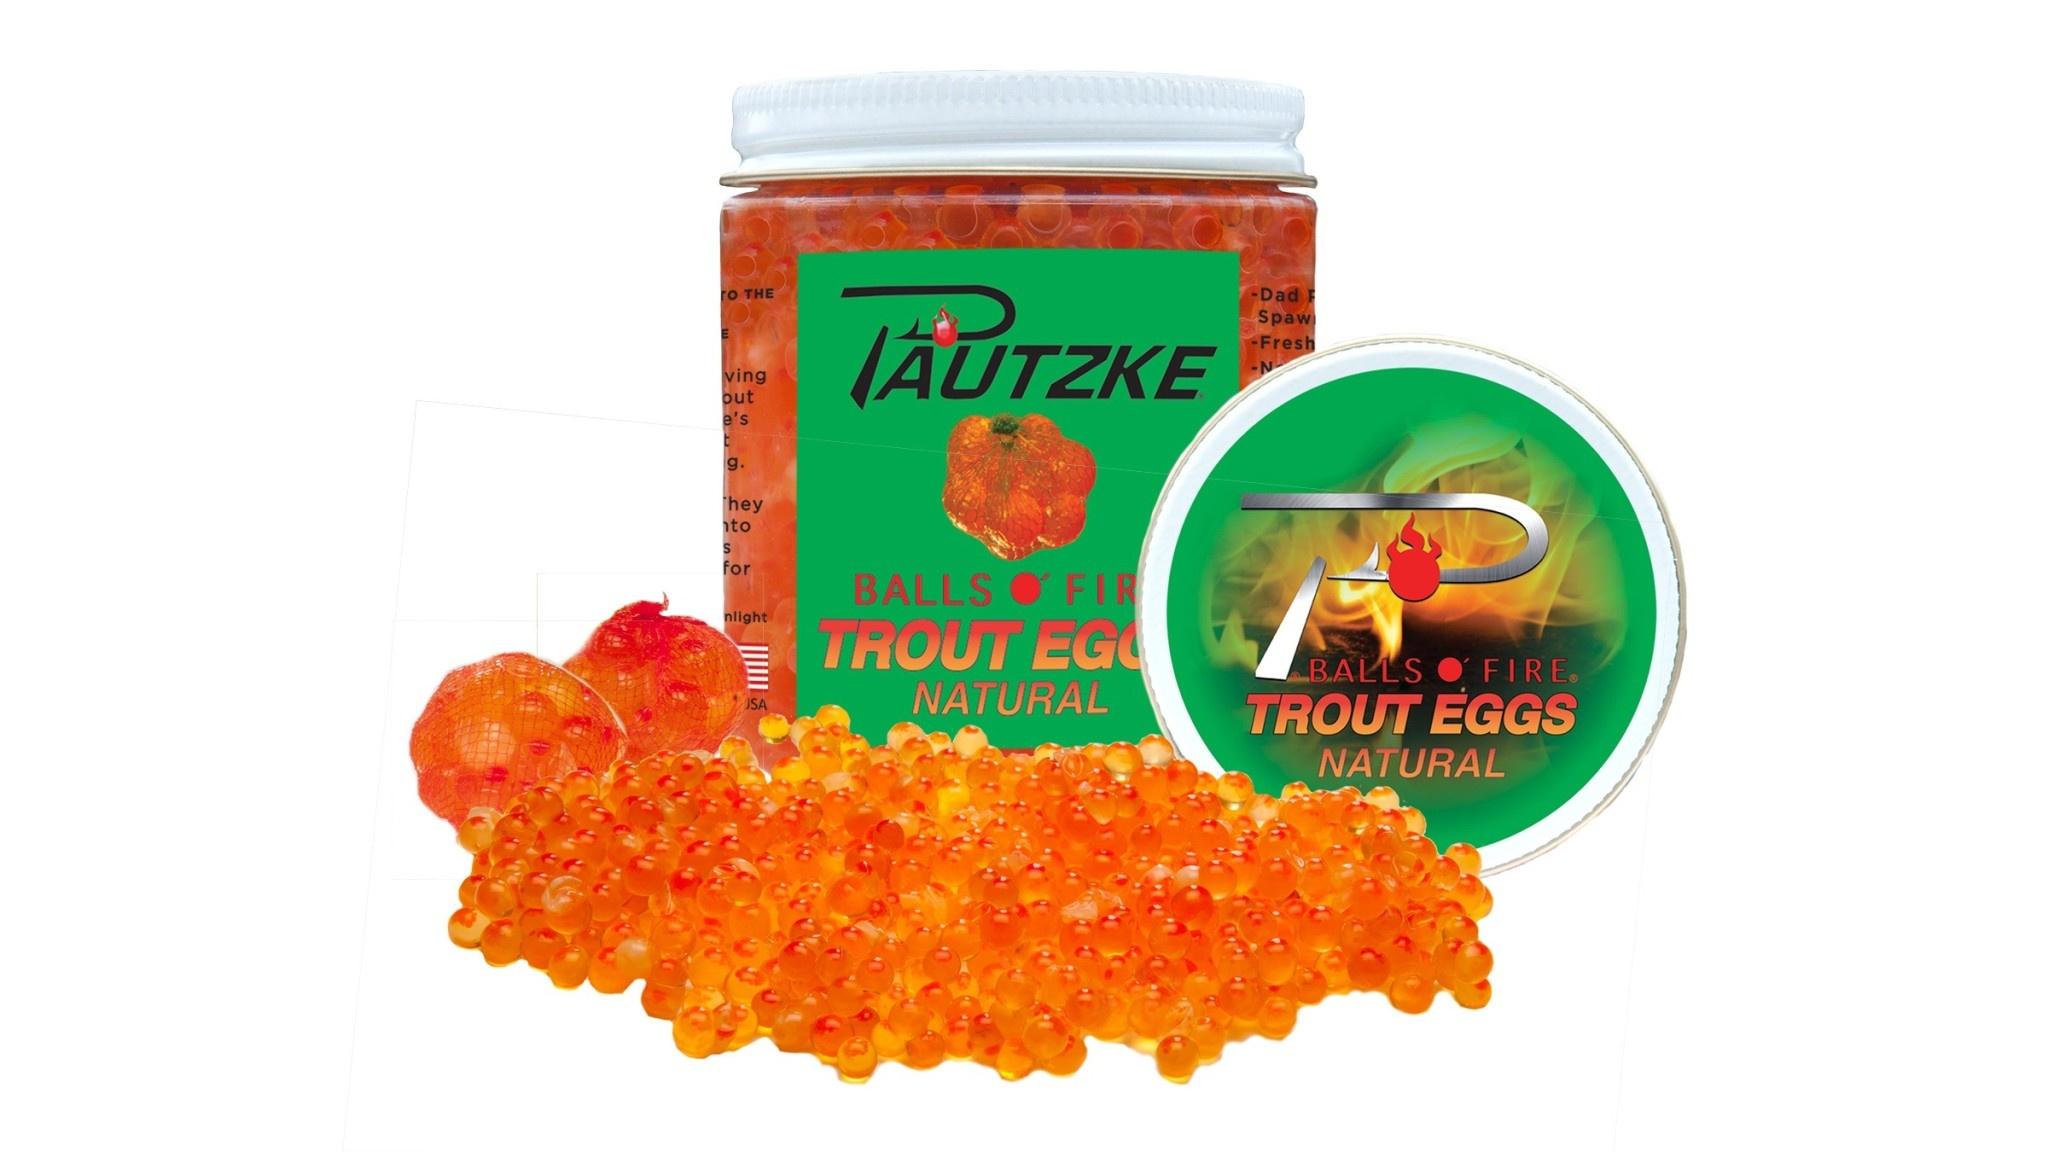 Pautzke Pautzke BALLS O' FIRE - Trout Eggs, Natural